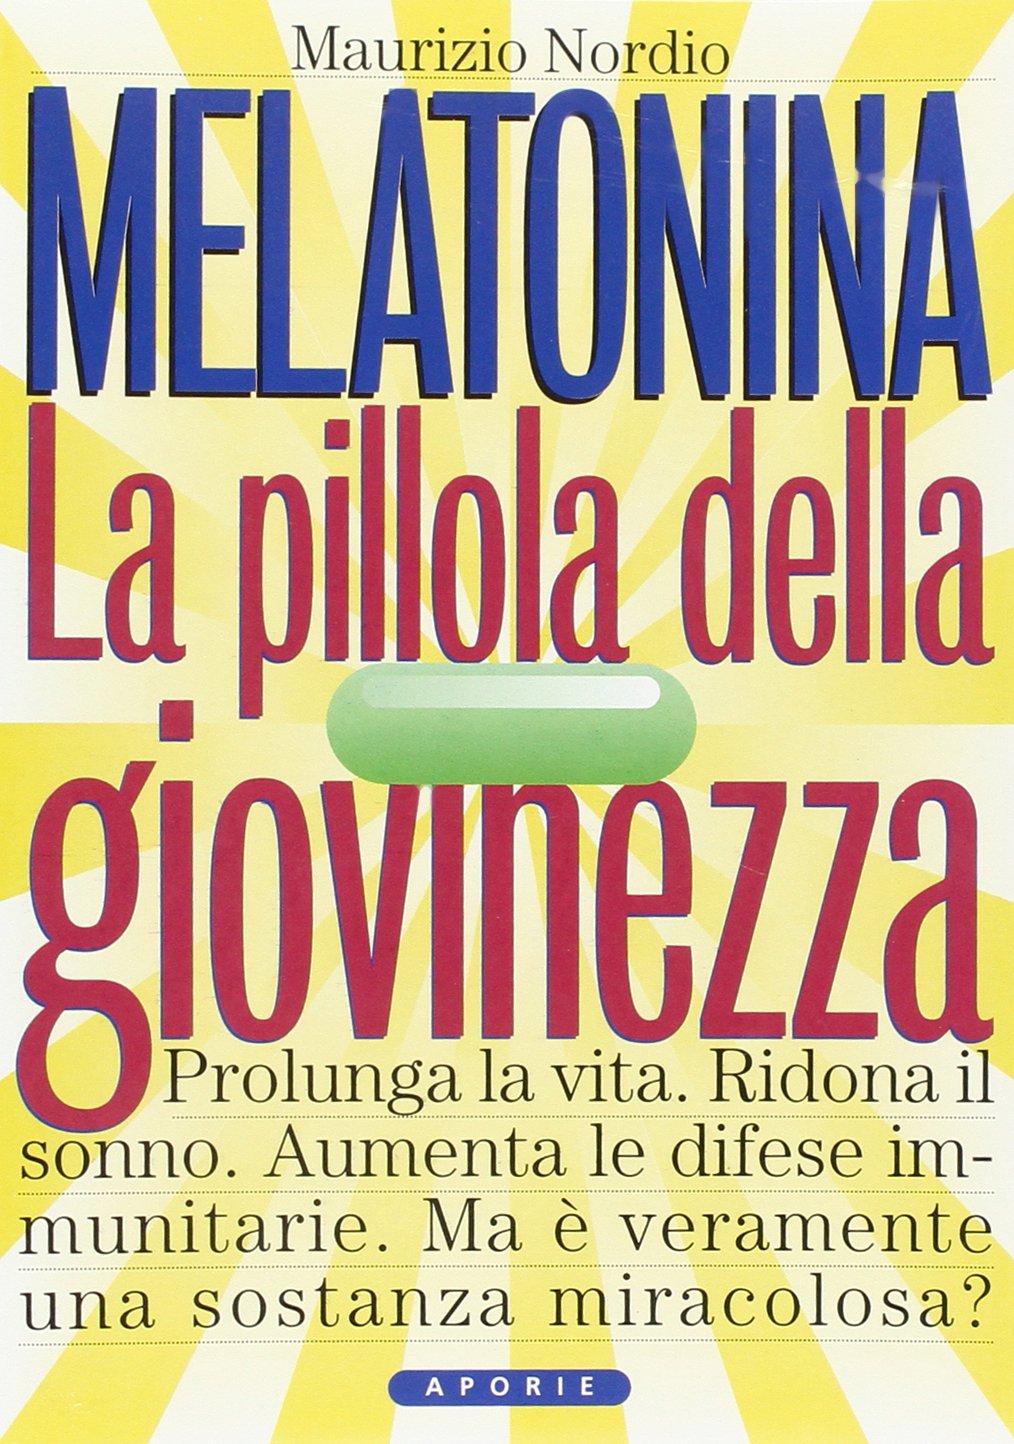 Melatonina. La pillola della giovinezza. Prolunga la vita. Ridona il sonno perduto. Aumenta le difese immunitarie. Ma veramente è una sostanza miracolosa?: